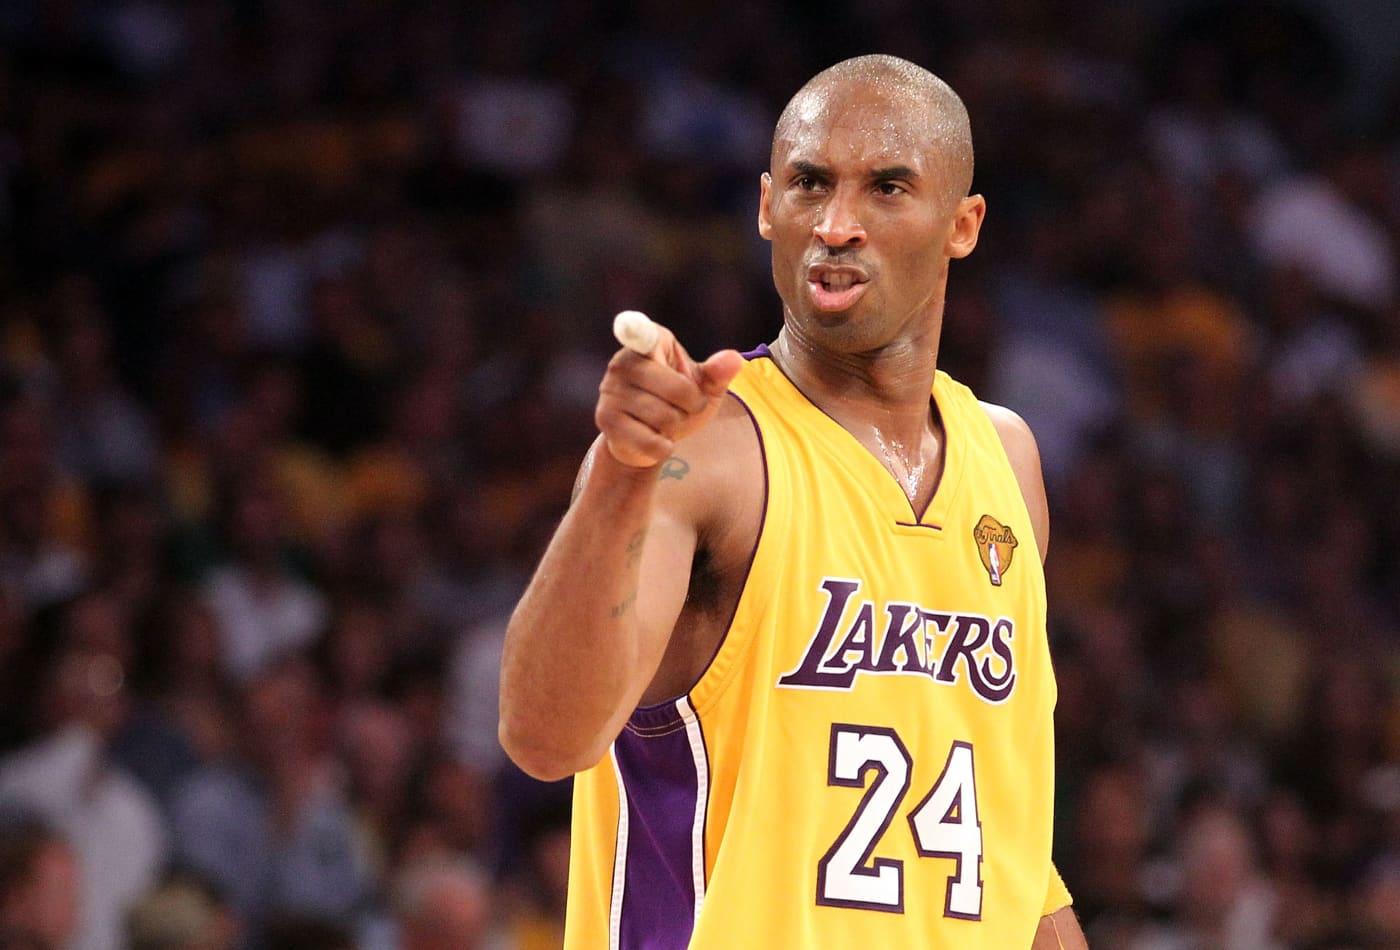 Kobe的眼光有多麼毒辣,看中的球員都成為了超級巨星,真的不服不行!